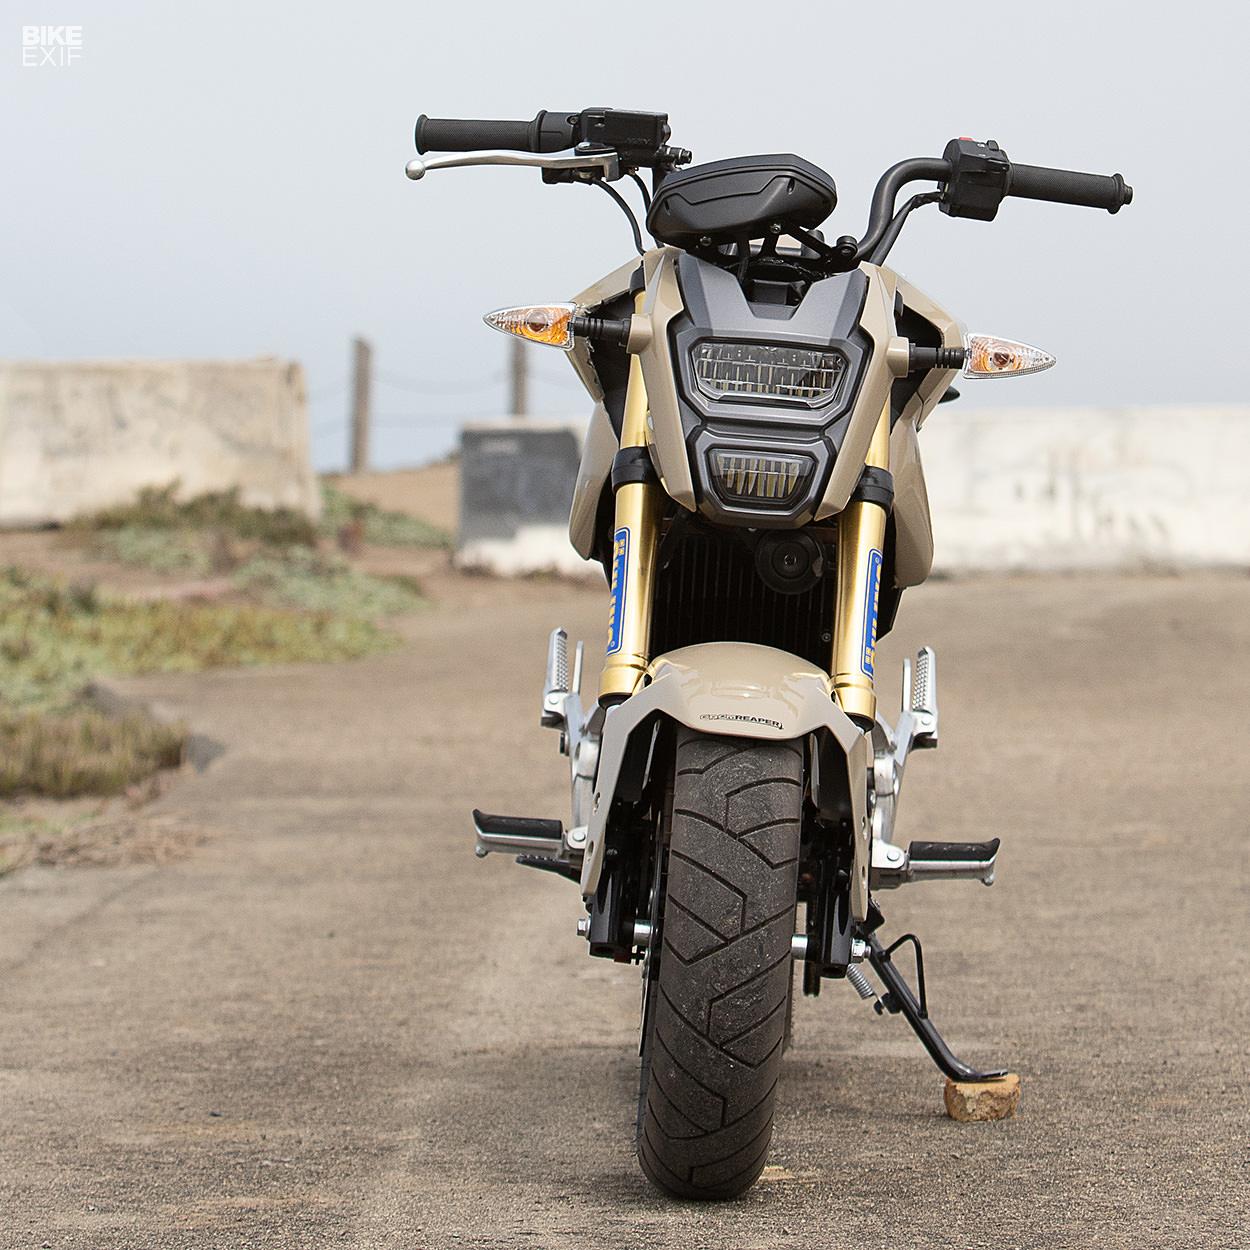 Honda MSX 125 Grom Reaper Dubai UAE